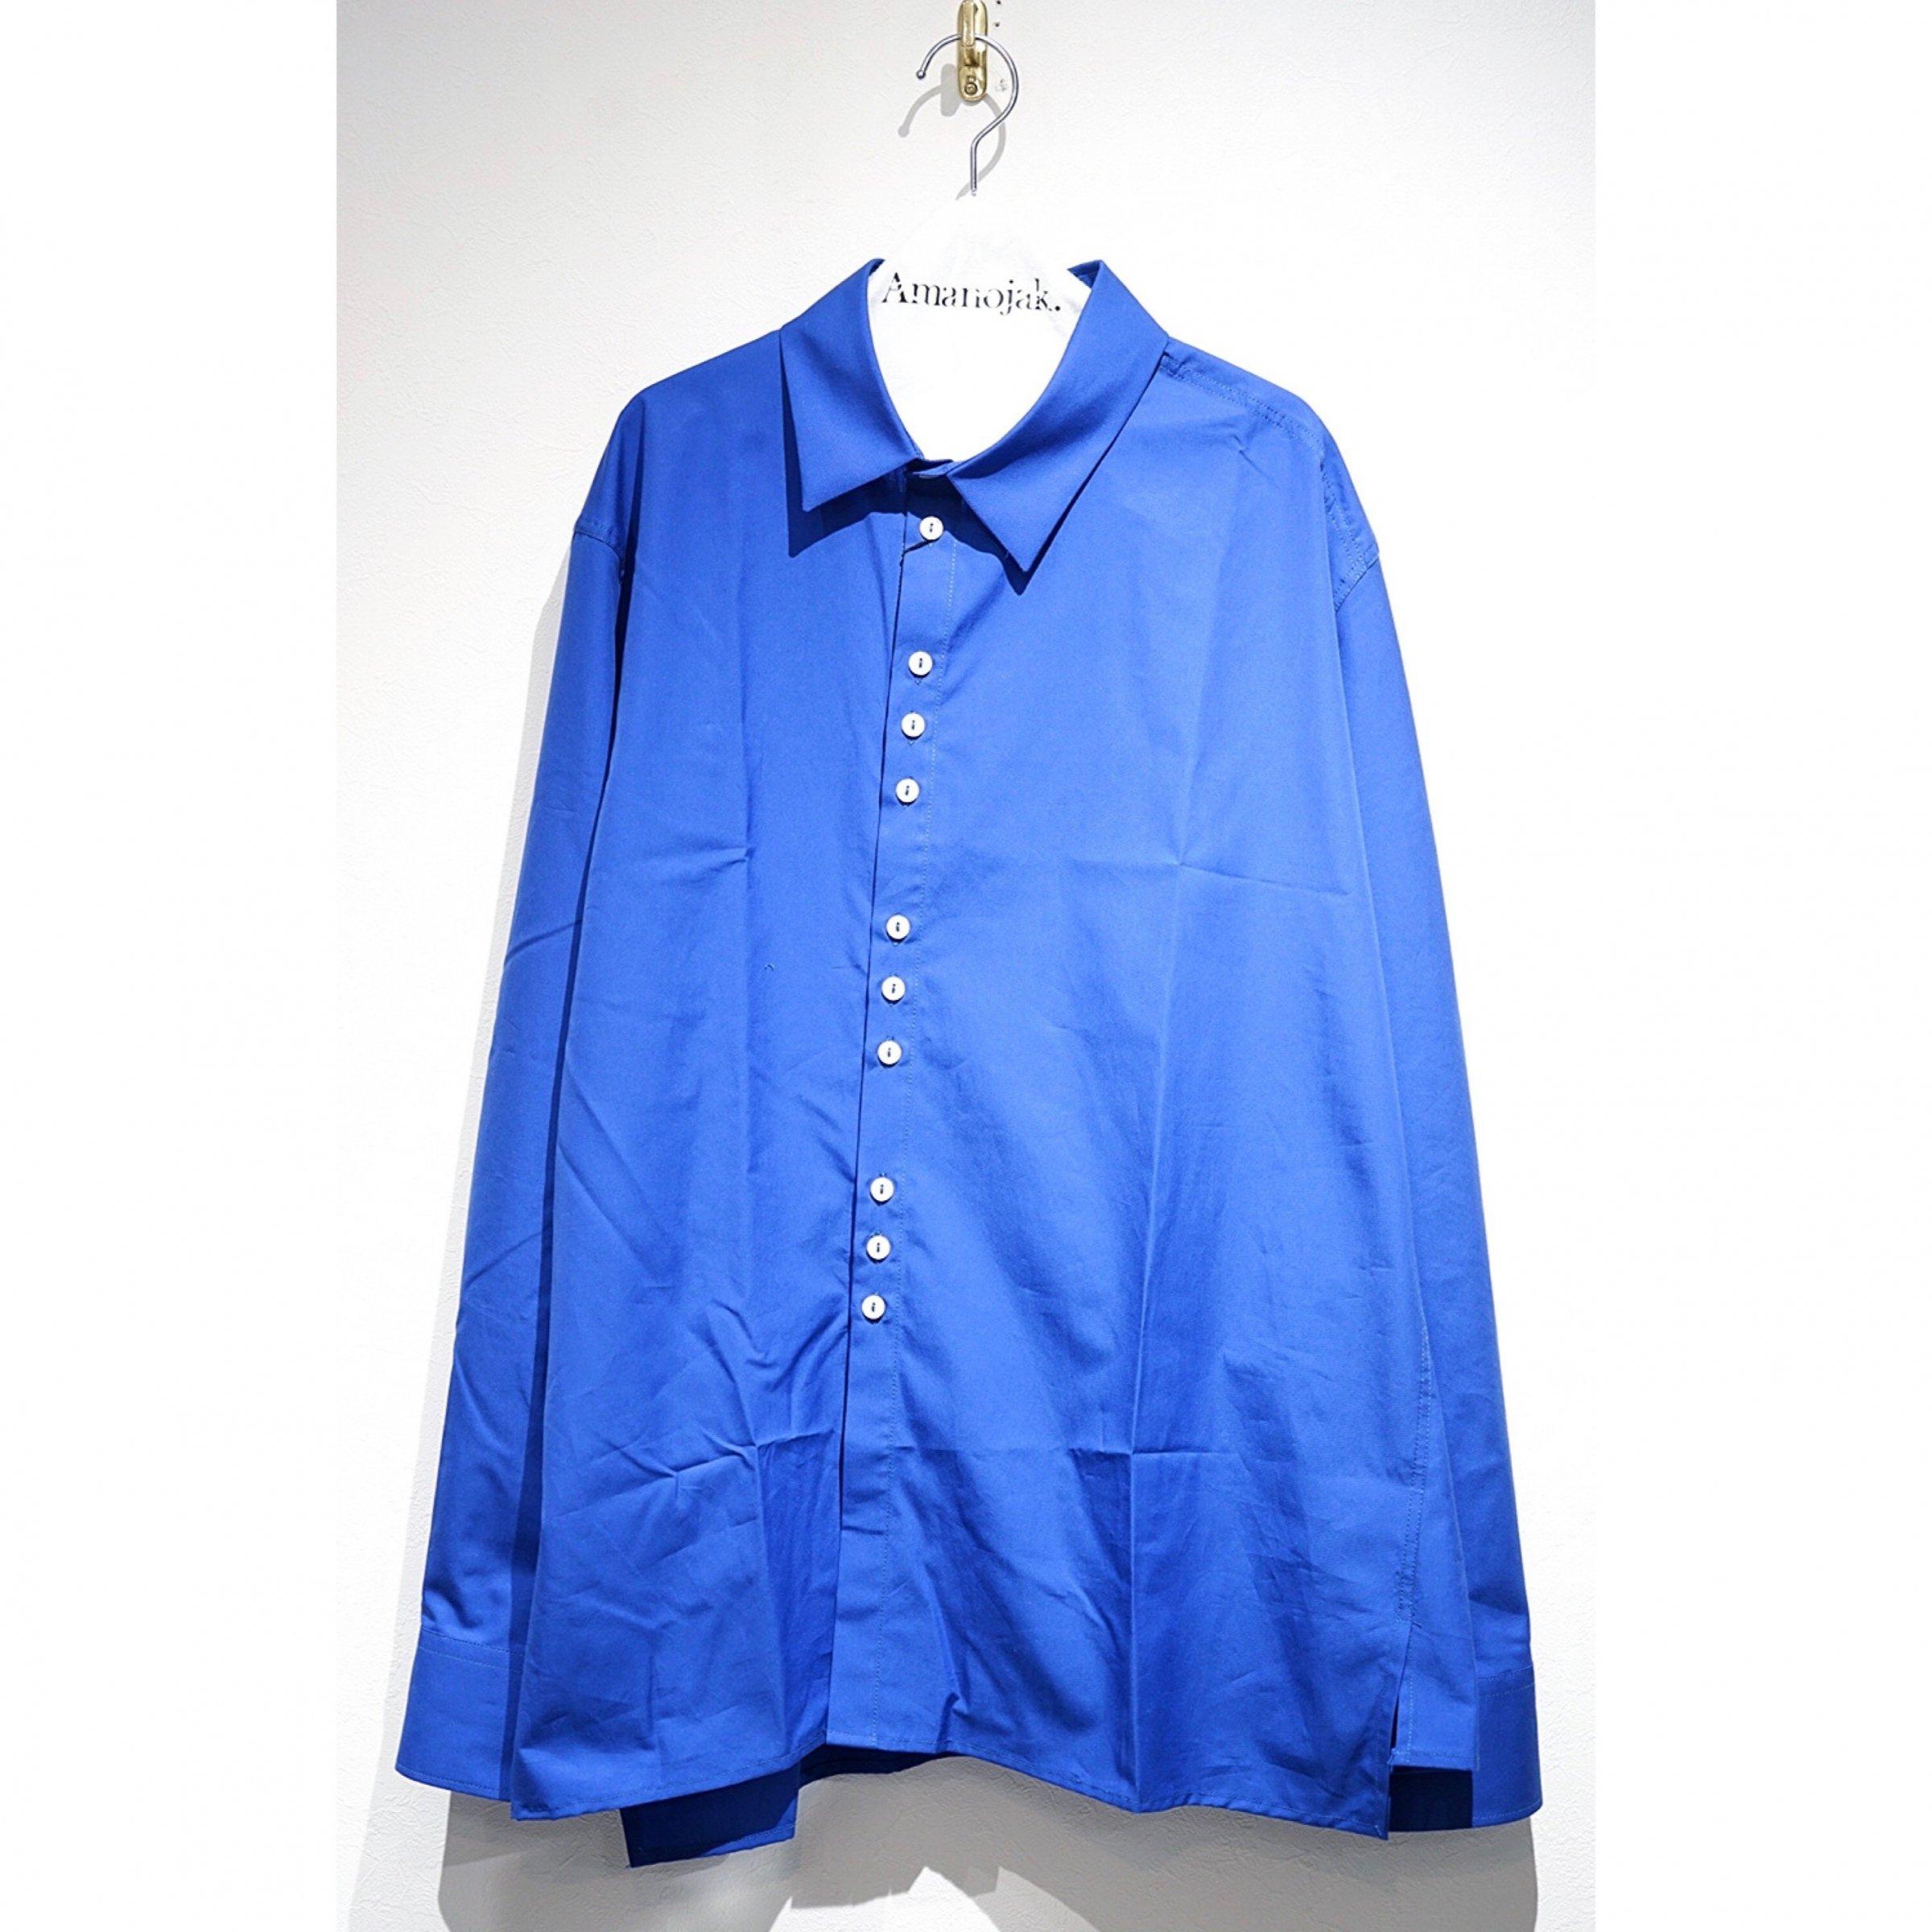 DELADA-ASYMMETRICAL SHIRTS MEDIUM BLUE